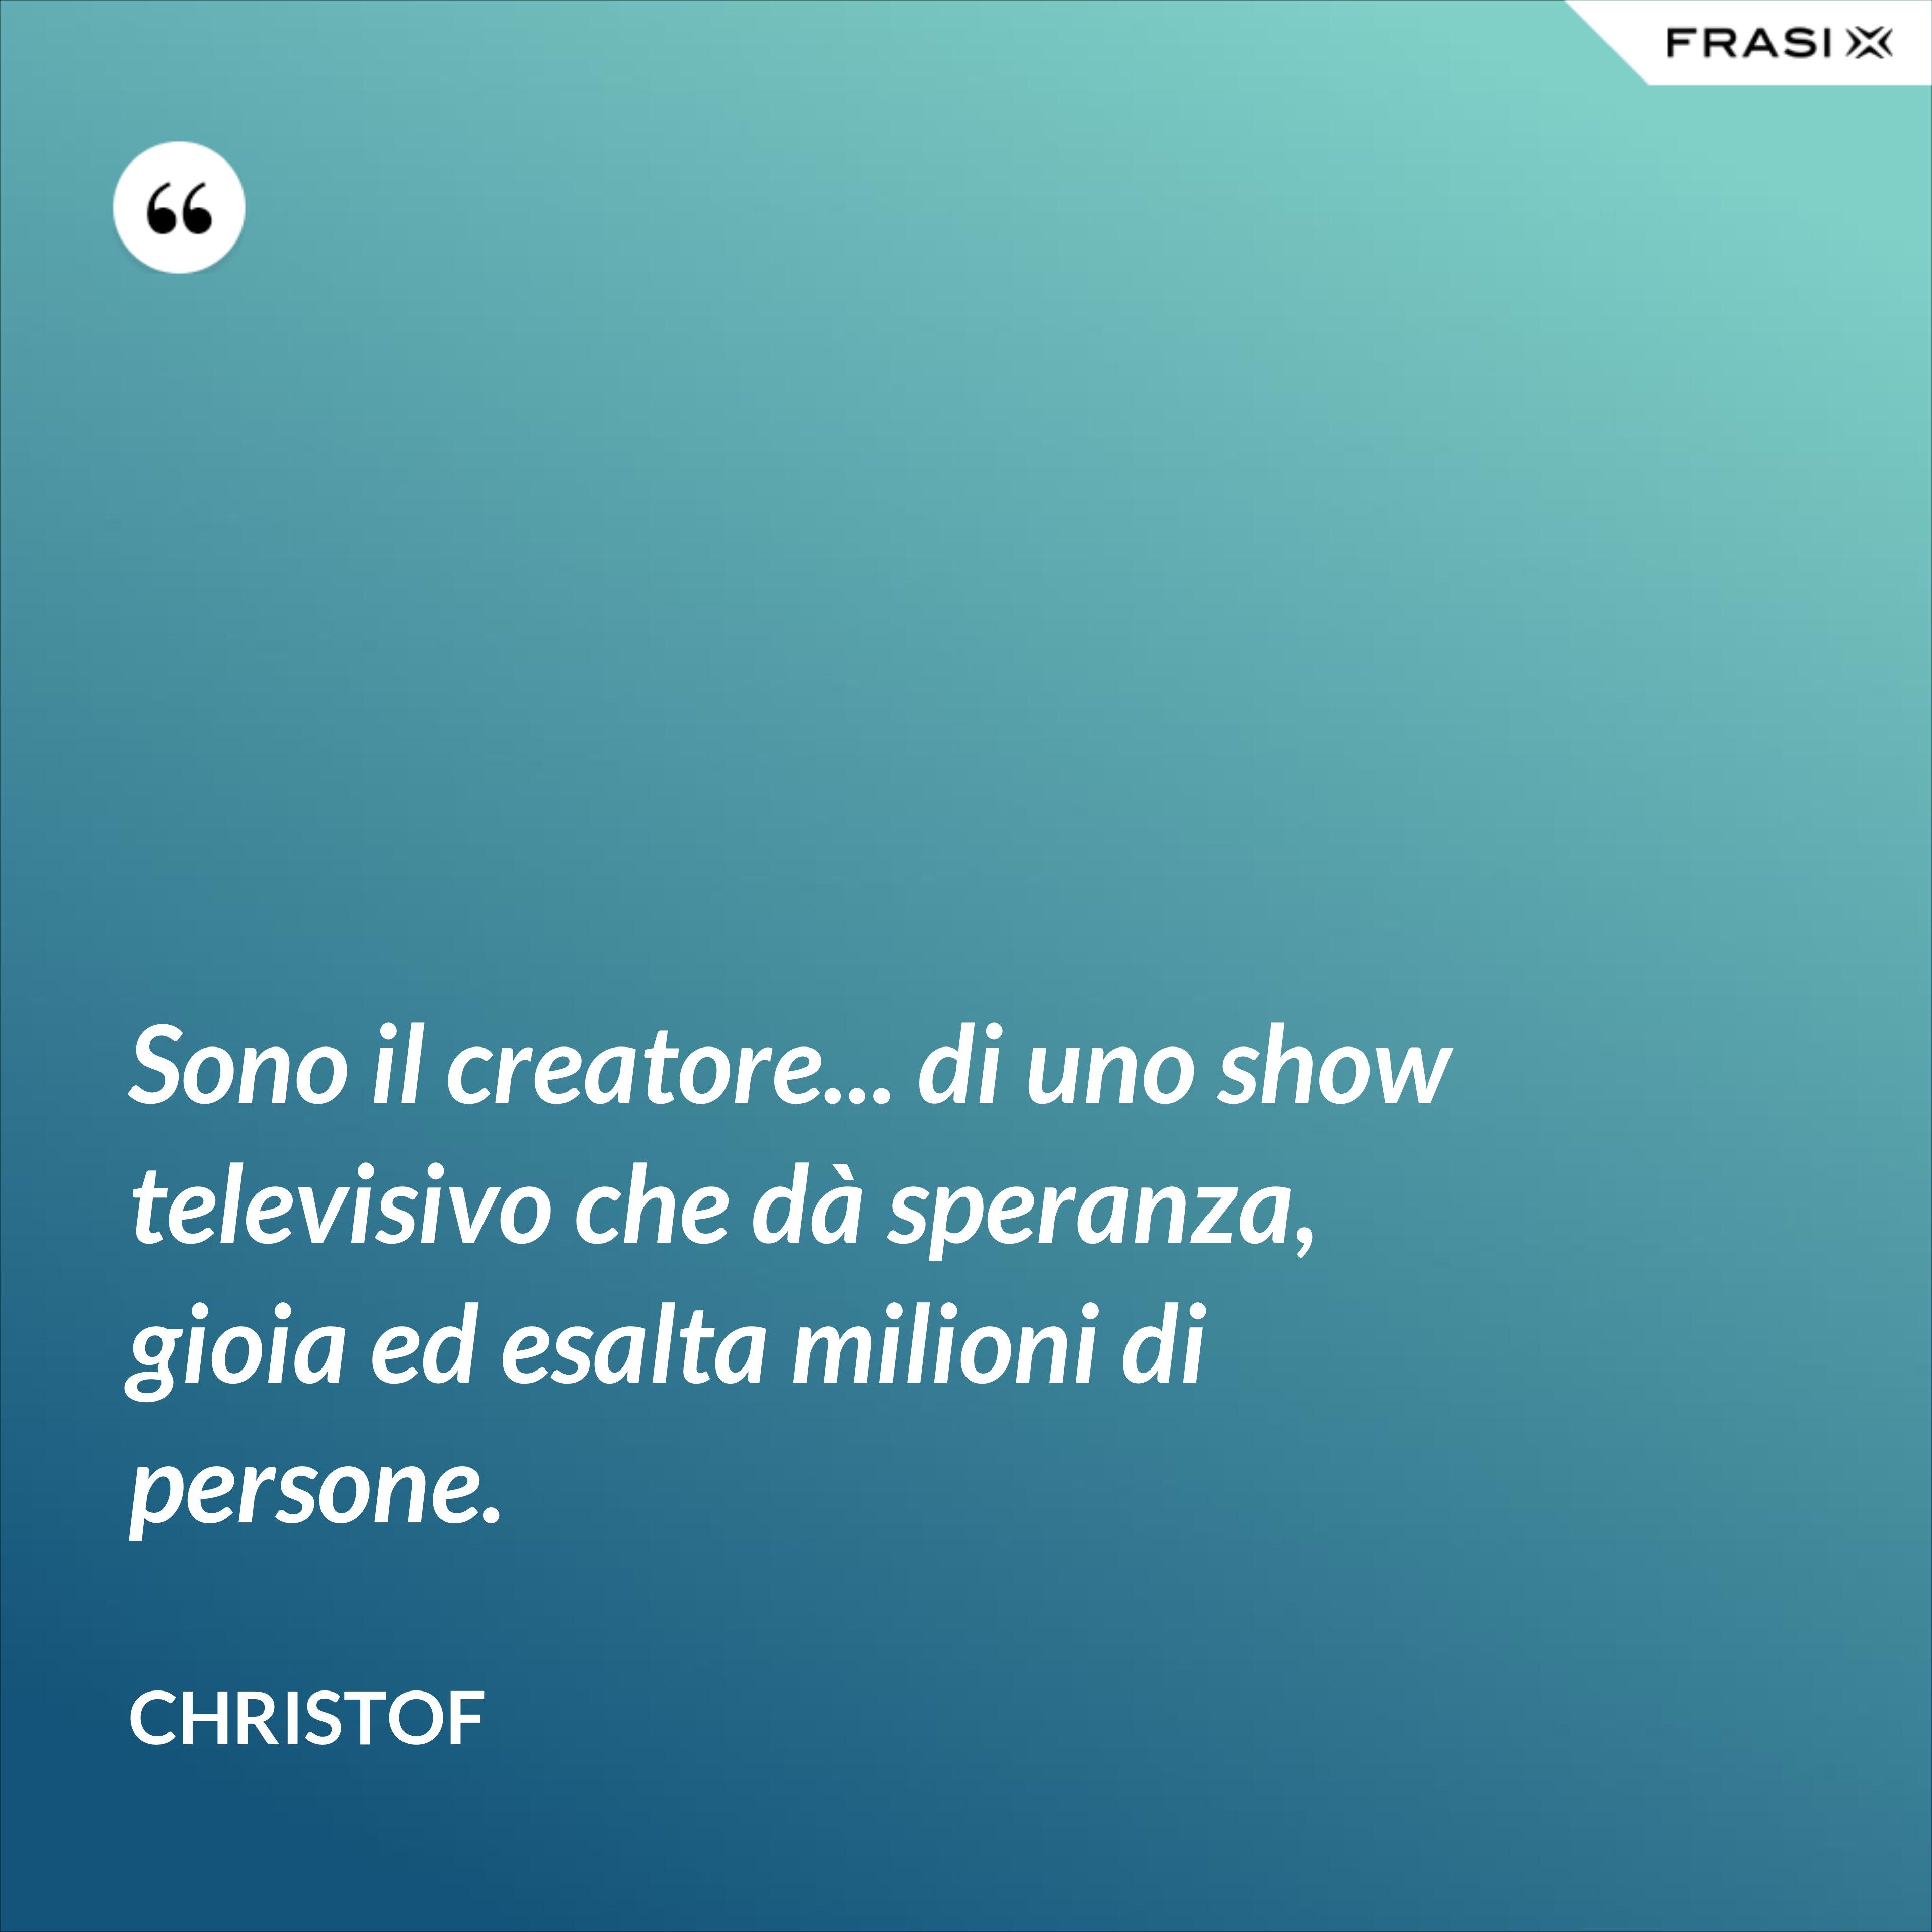 Sono il creatore... di uno show televisivo che dà speranza, gioia ed esalta milioni di persone. - Christof